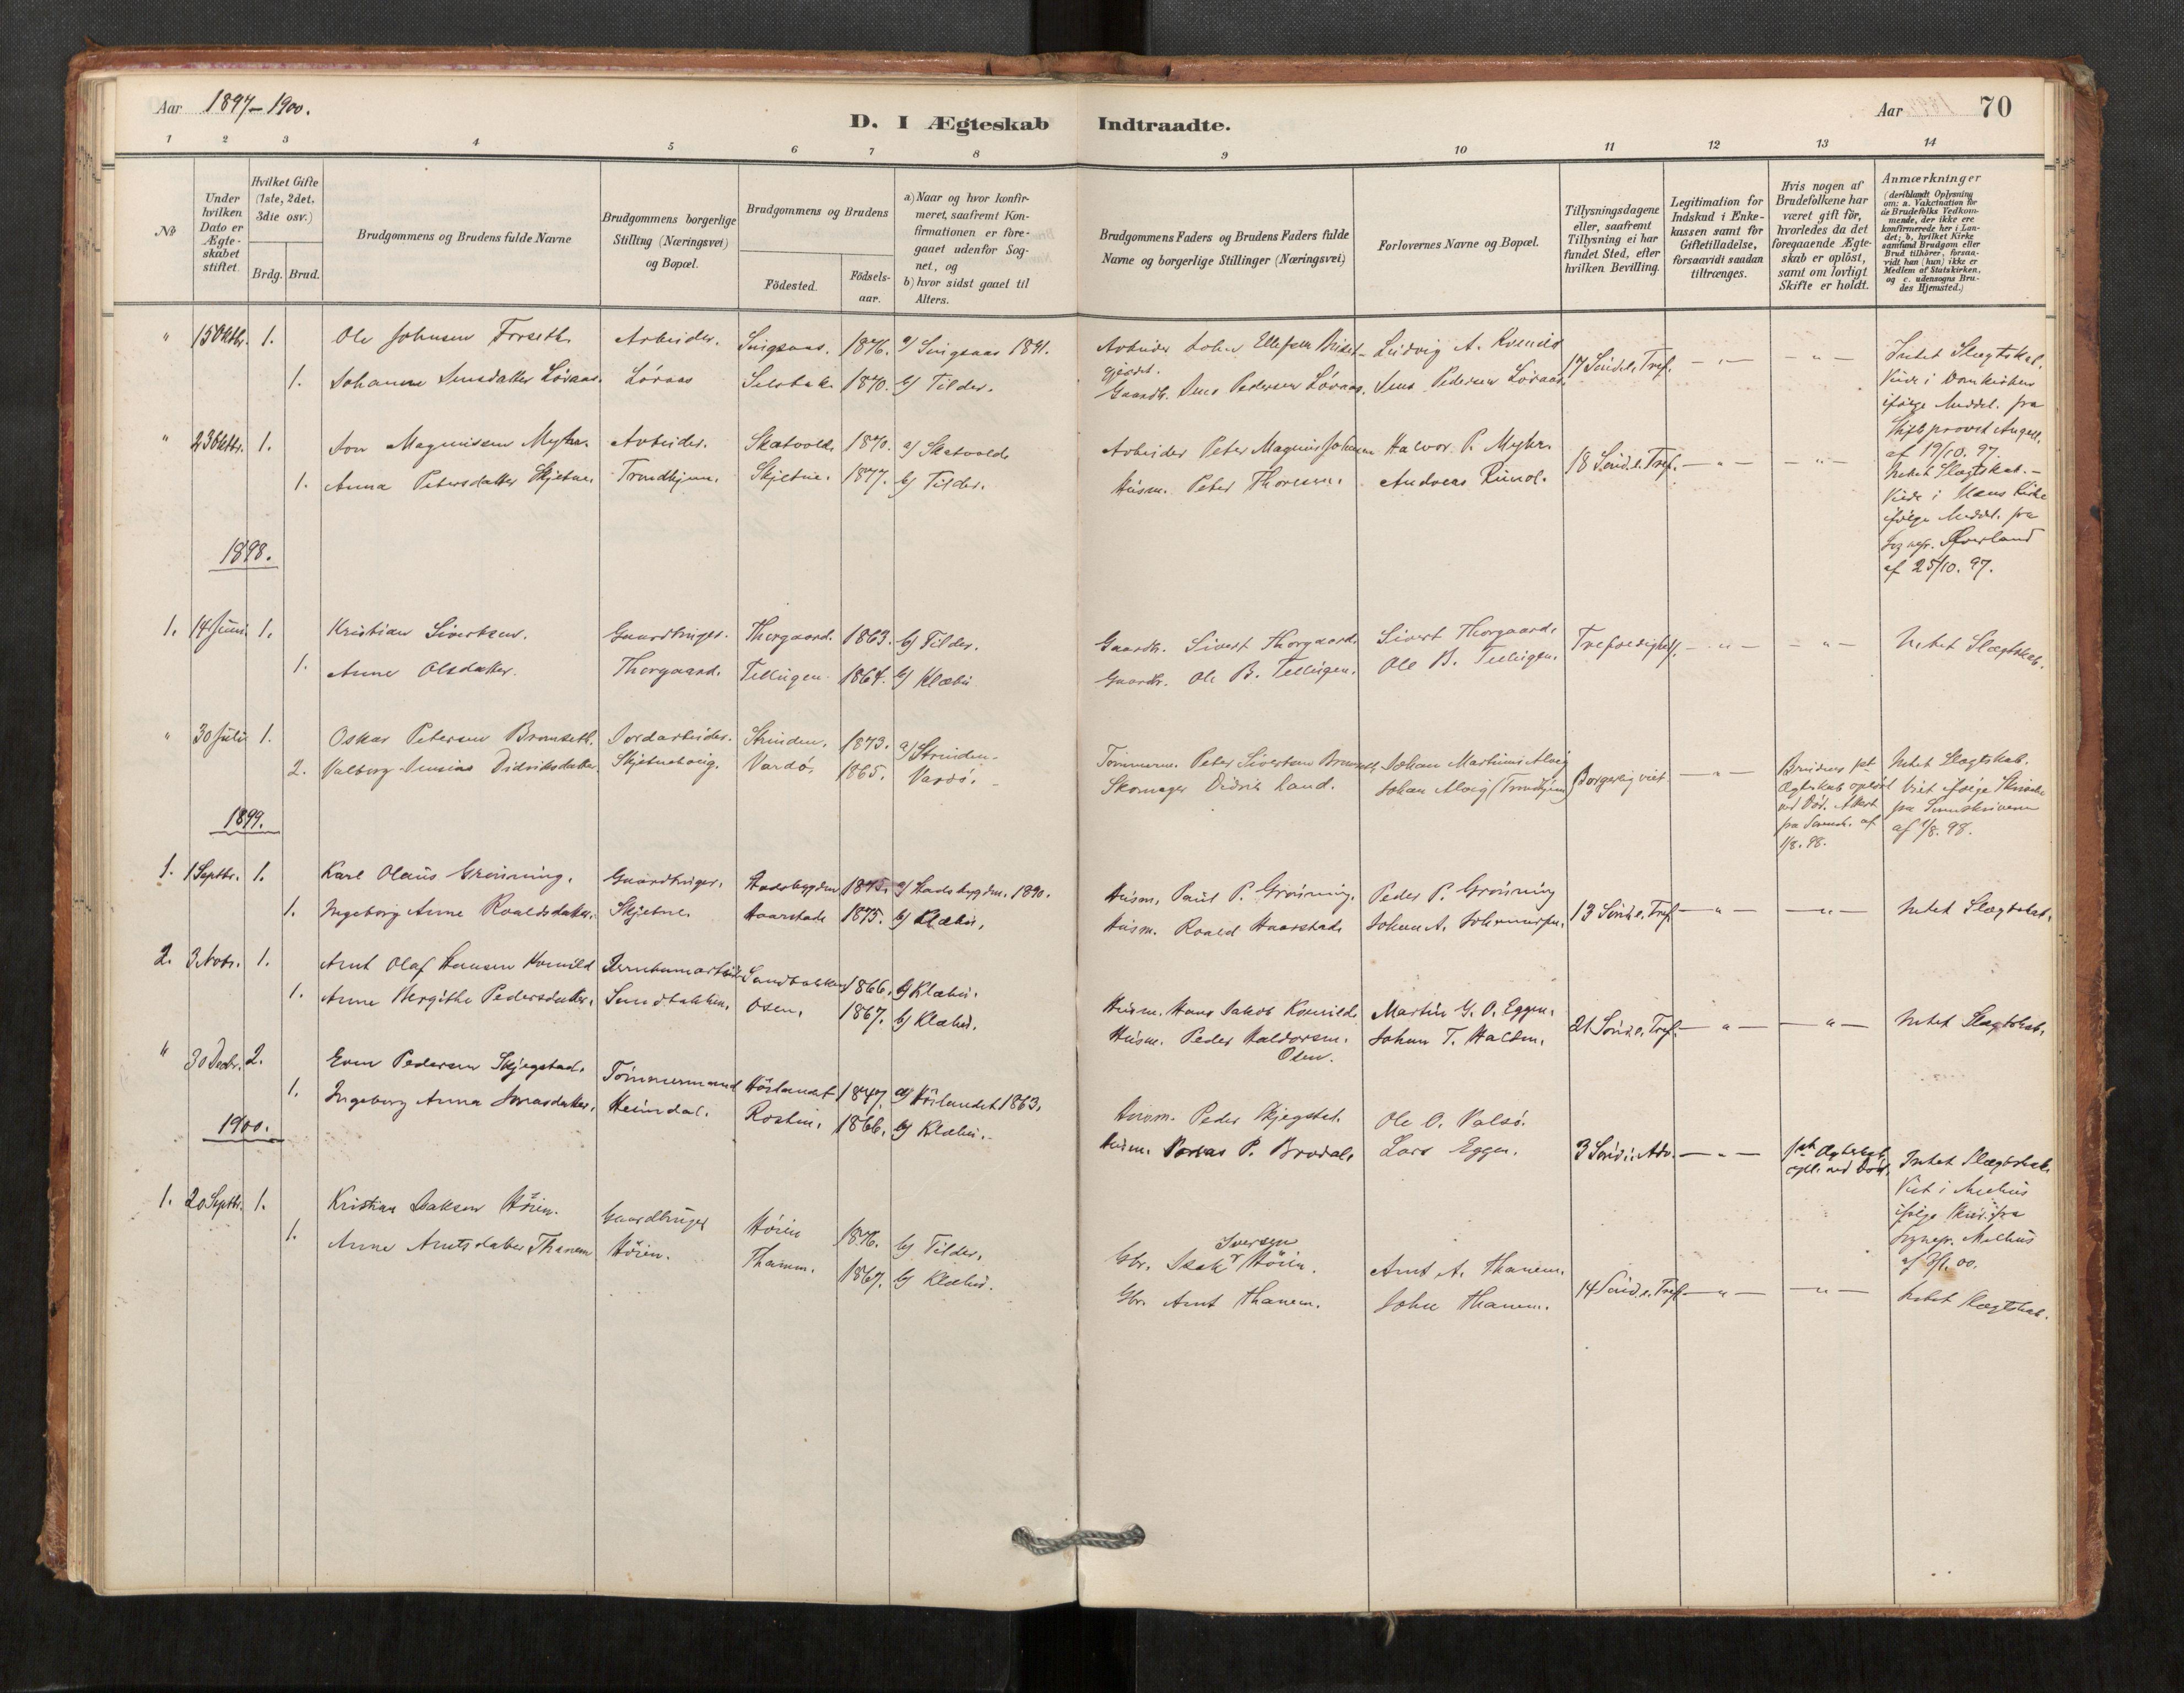 SAT, Klæbu sokneprestkontor, Parish register (official) no. 1, 1880-1900, p. 70